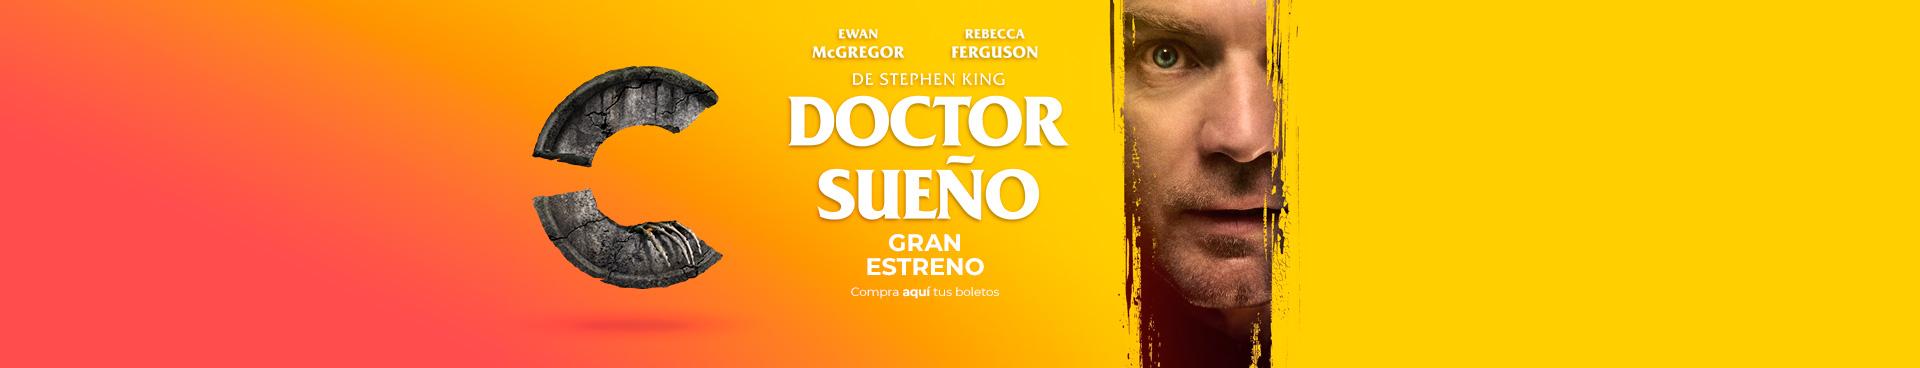 Gran estreno: Doctor Sueño